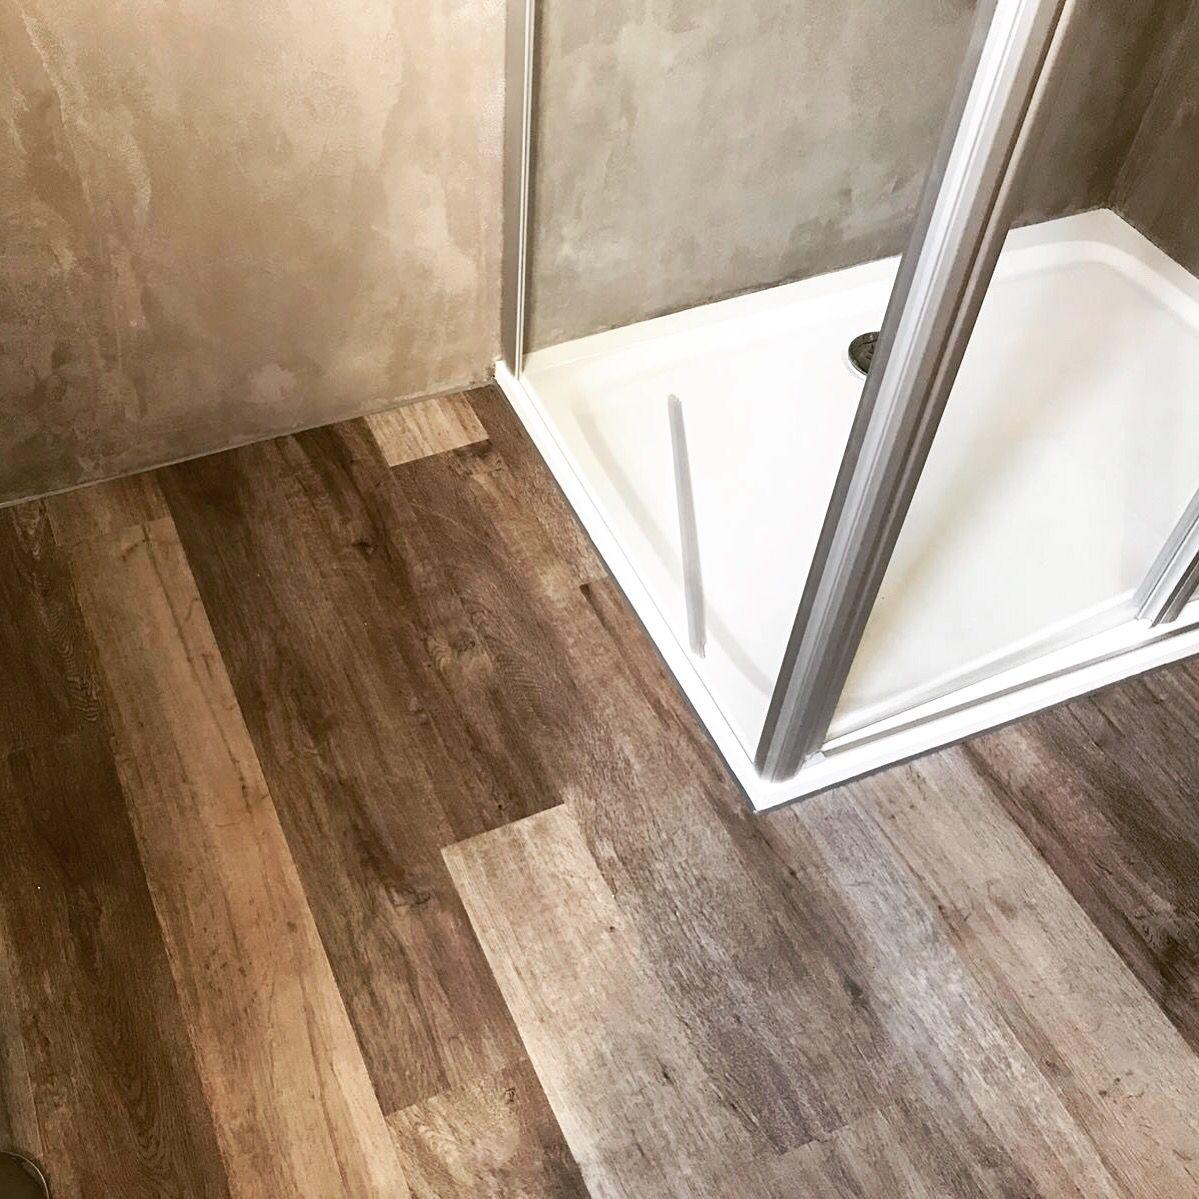 Bodenbelage Vinylboden Teppichboden Parkett Mehr Bodengleiche Dusche Fliesen Vinyl Fussboden Vinylboden